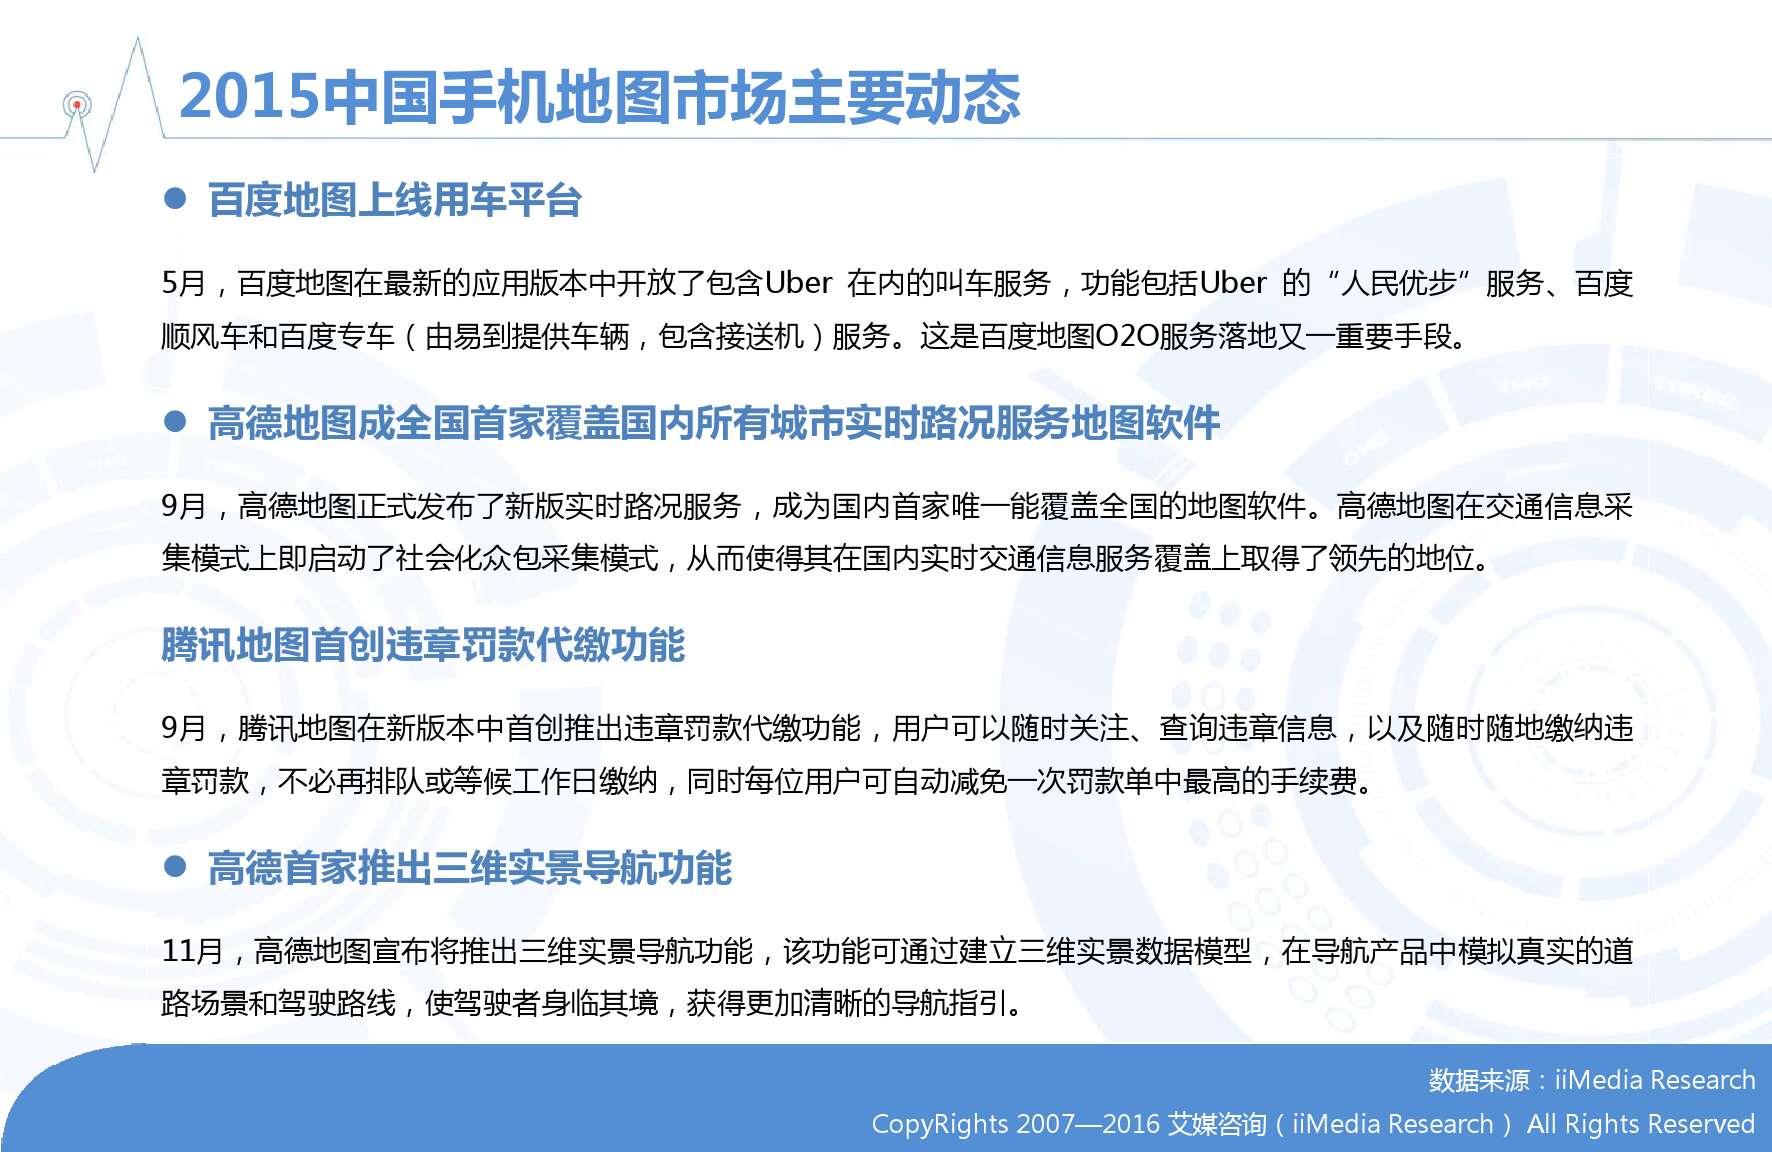 2015-2016年中国手机地图市场研究_000006